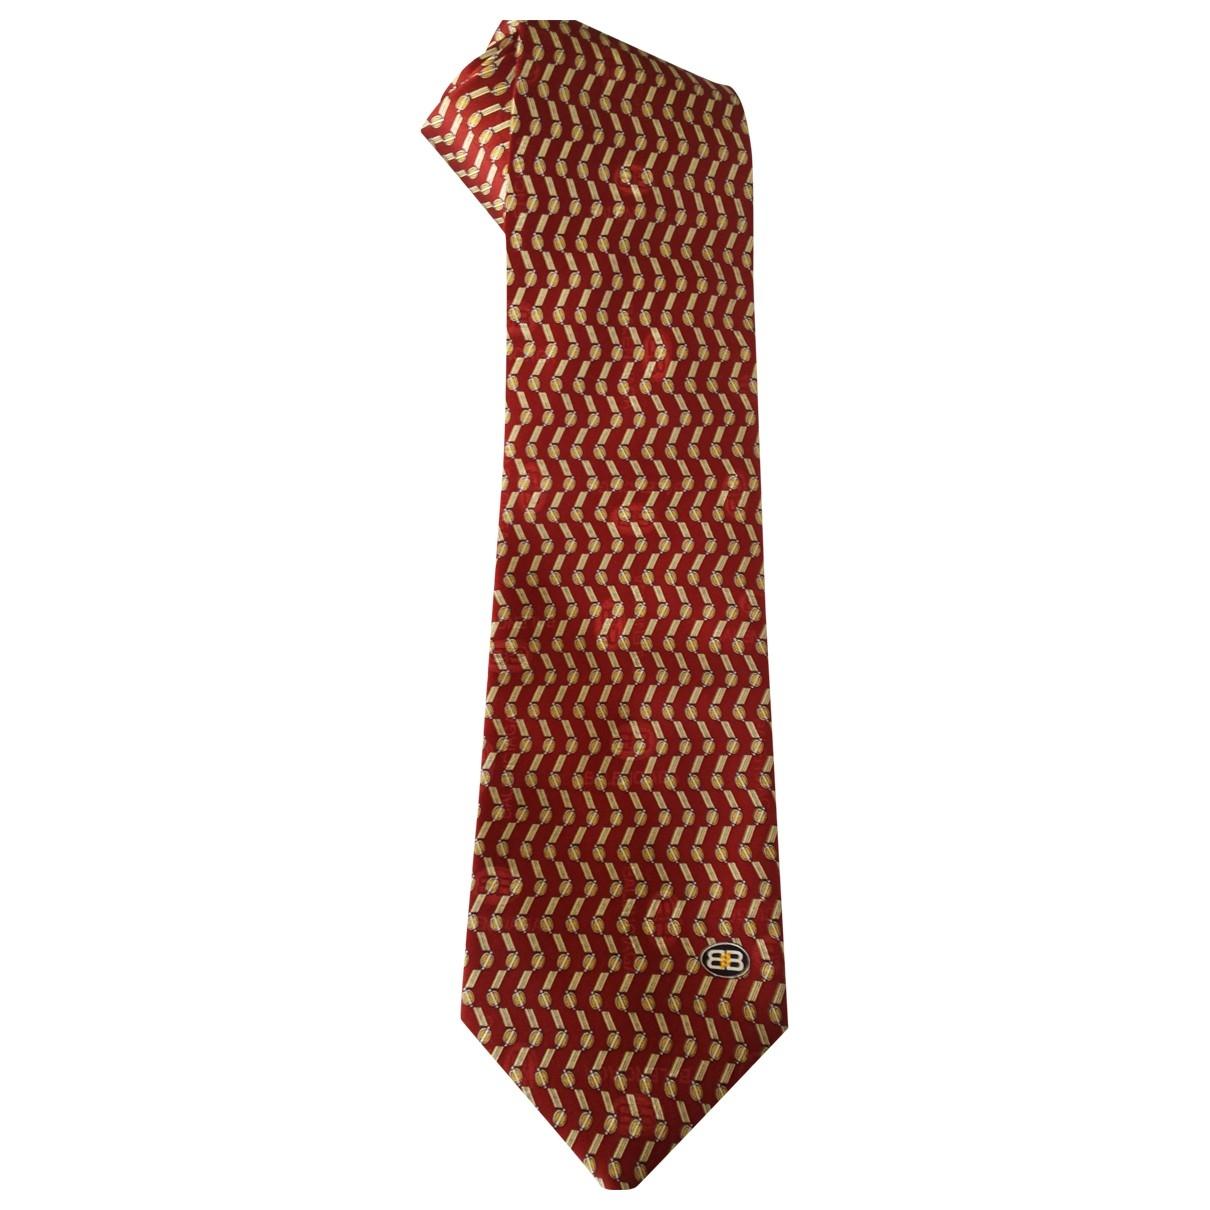 Balenciaga - Cravates   pour homme en soie - bordeaux